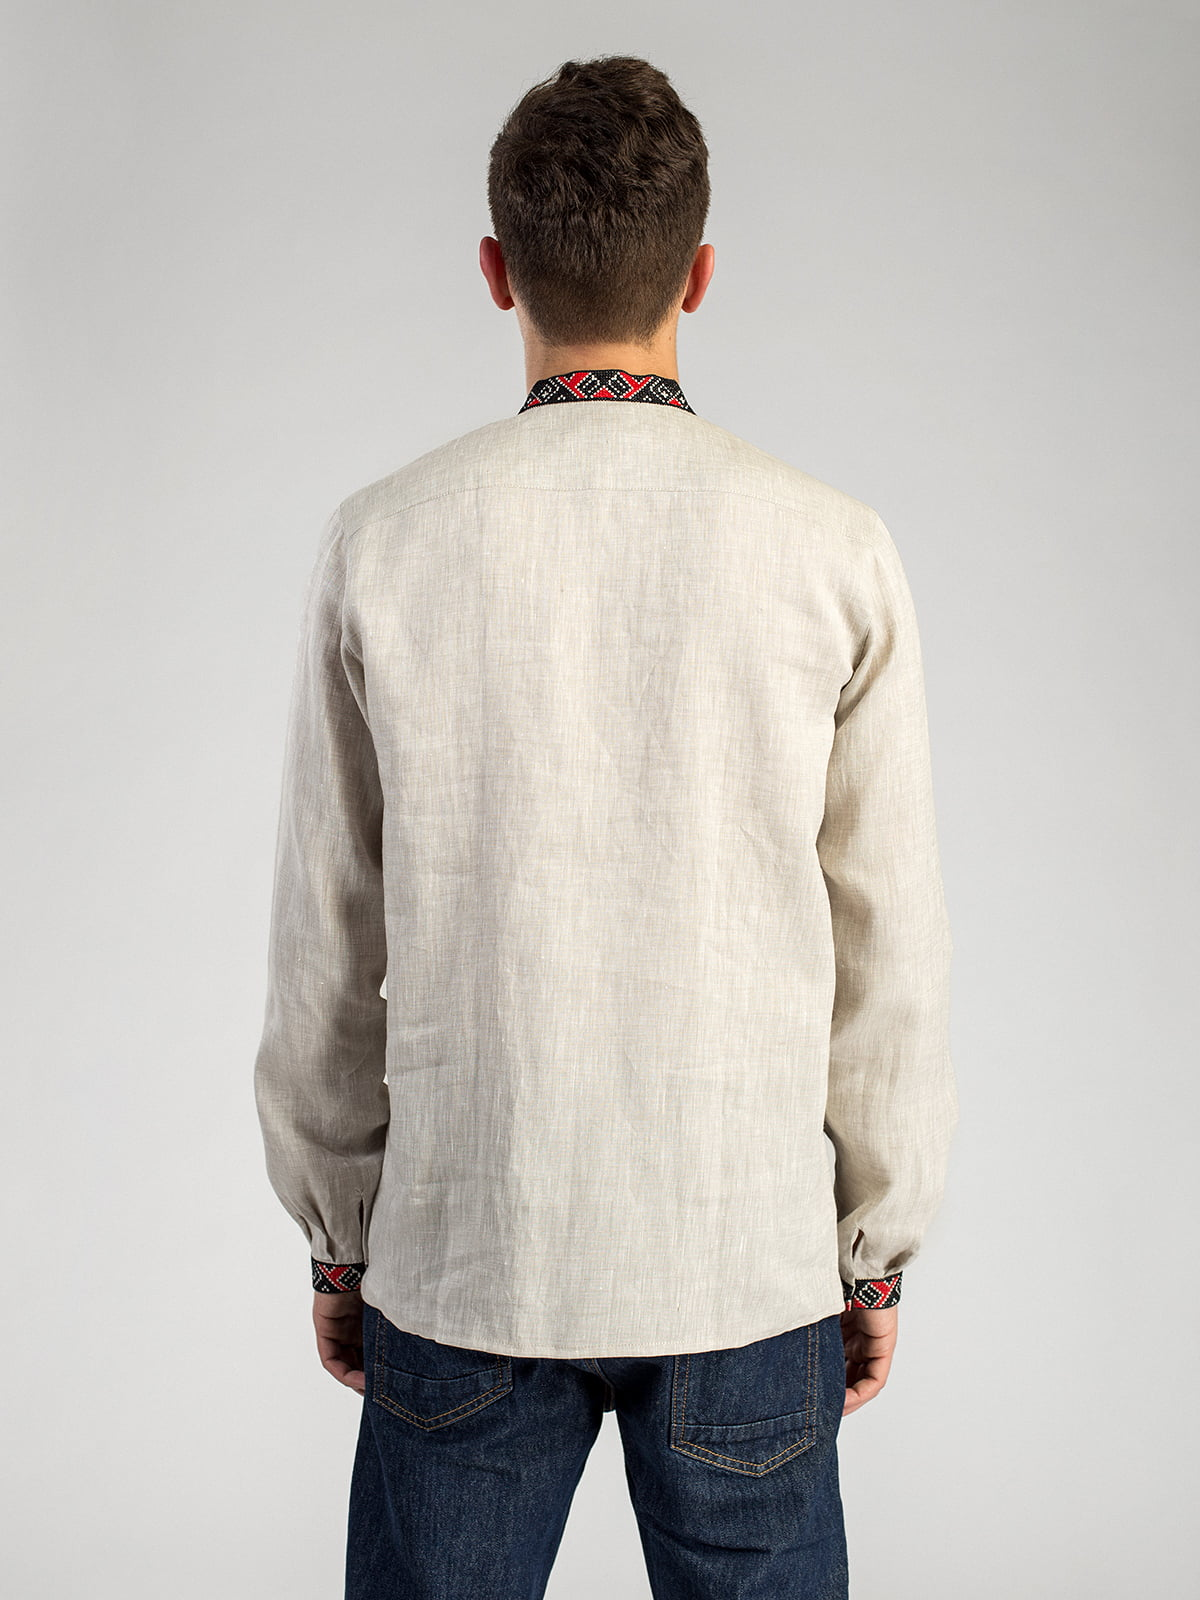 e0c6b74ae1d Мужская рубашка из серого льна с красно-черной вышивкой ED2 2 6 ...